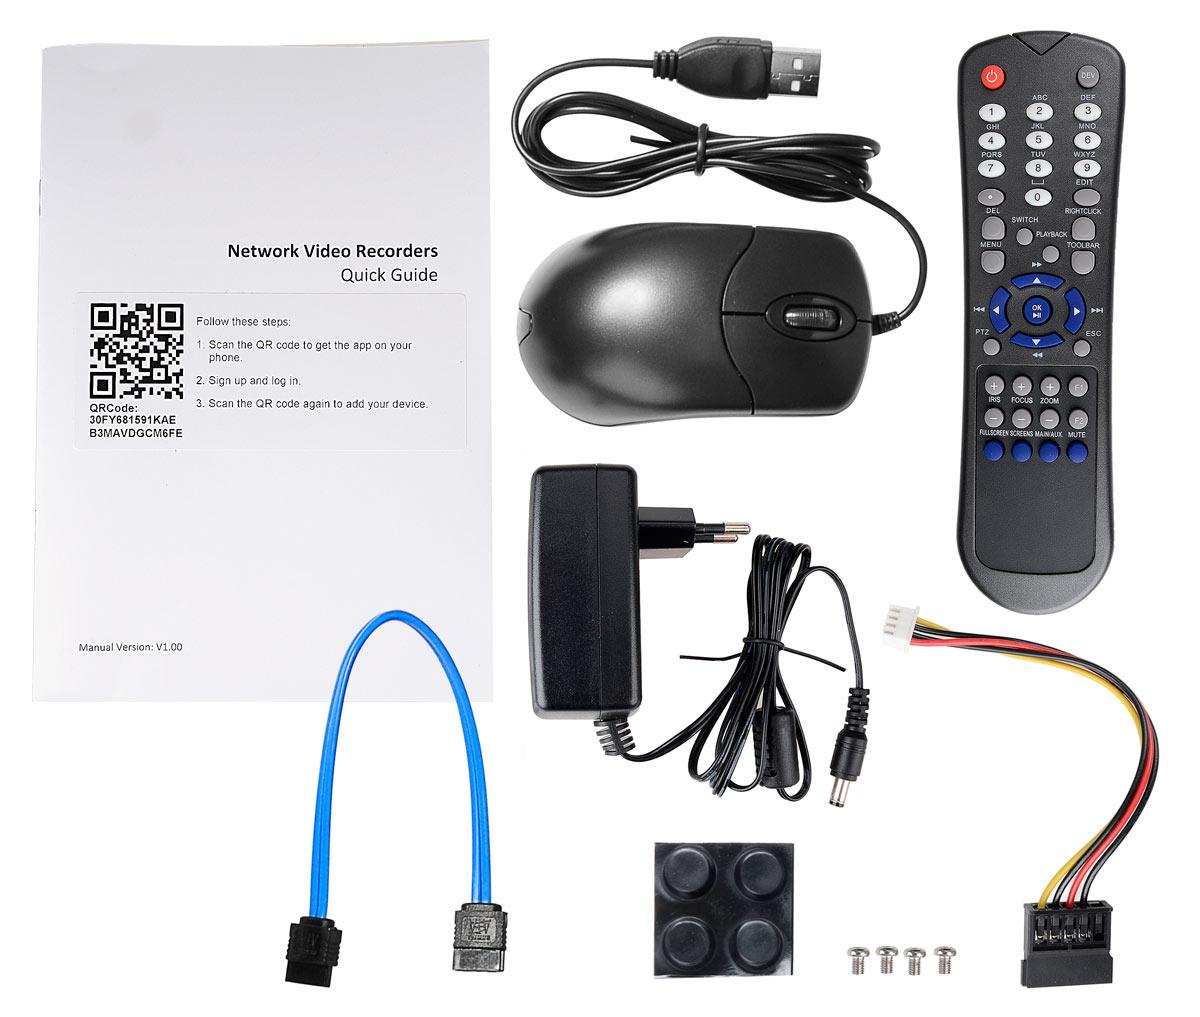 Akcesoria wchodzące w skład zestawu BCS-PNVR0801